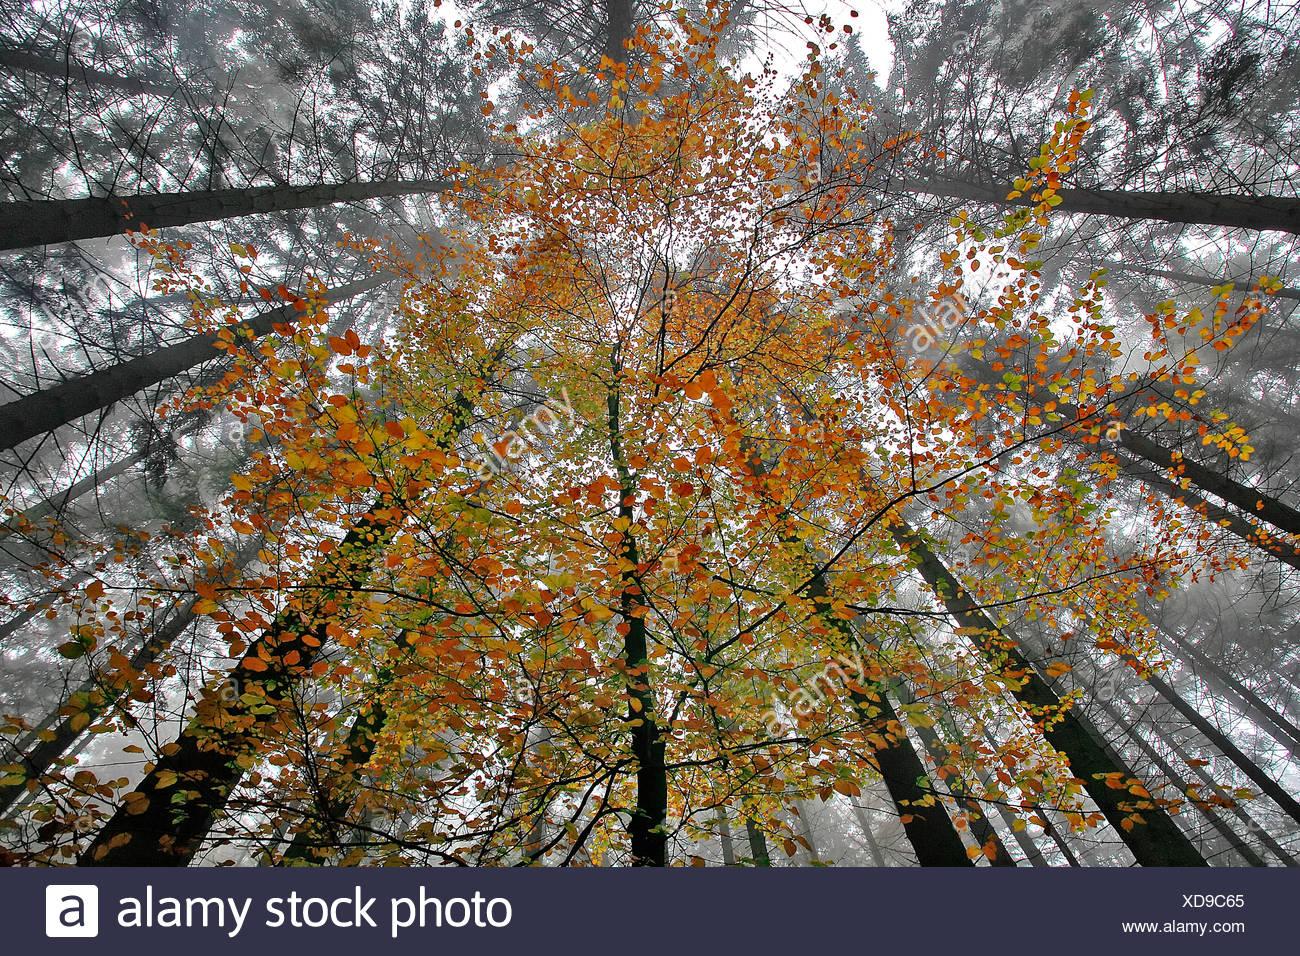 Jonge beuk in hersftkleuren in naaldbos; beech in autumn colours in coniferous forest - Stock Image